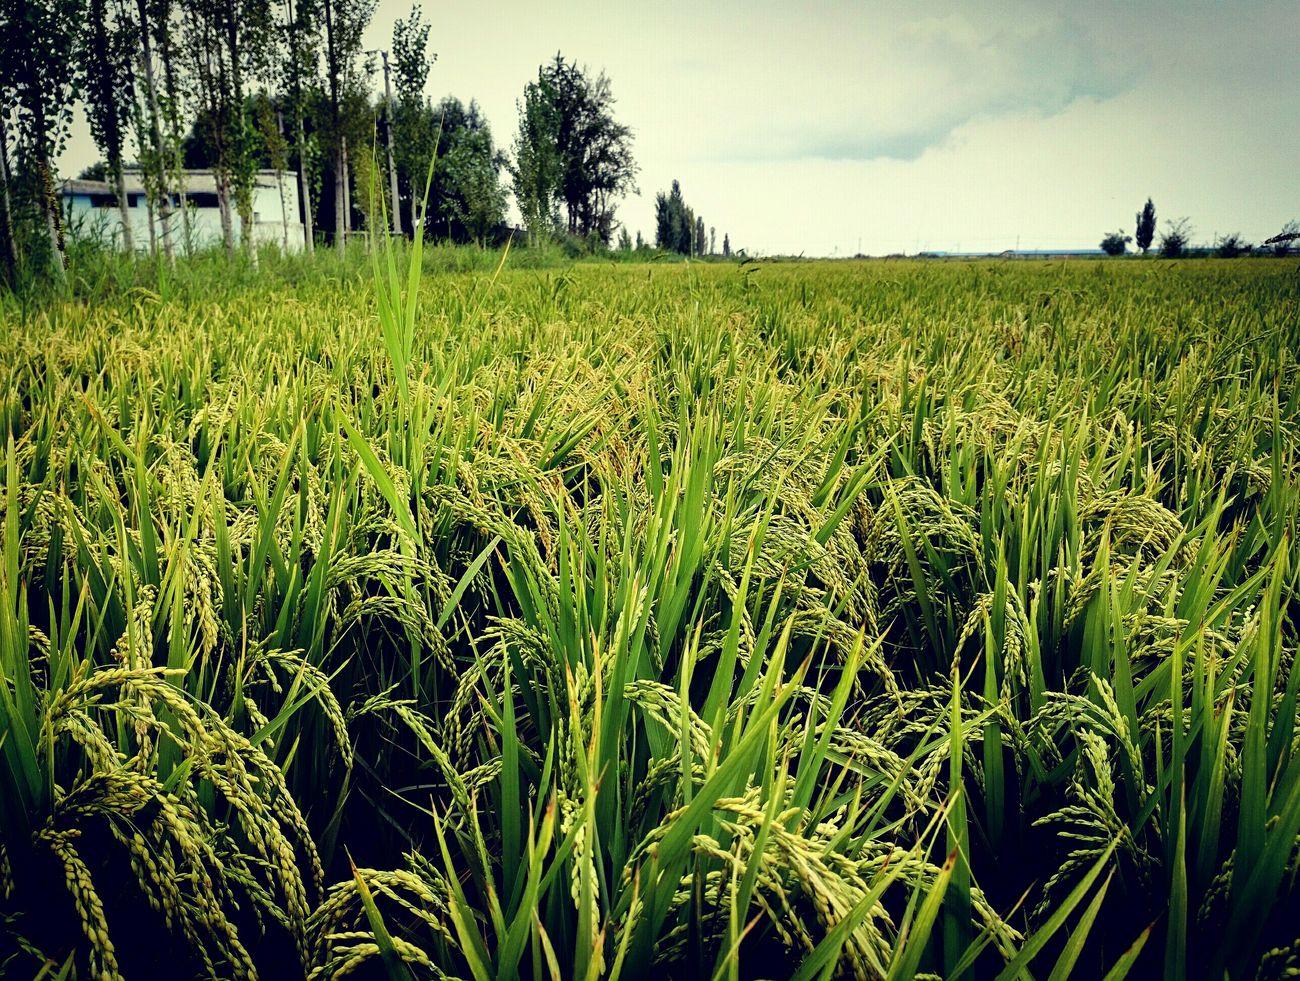 接近丰收 乌鲁木齐 米泉大米 agriculture view